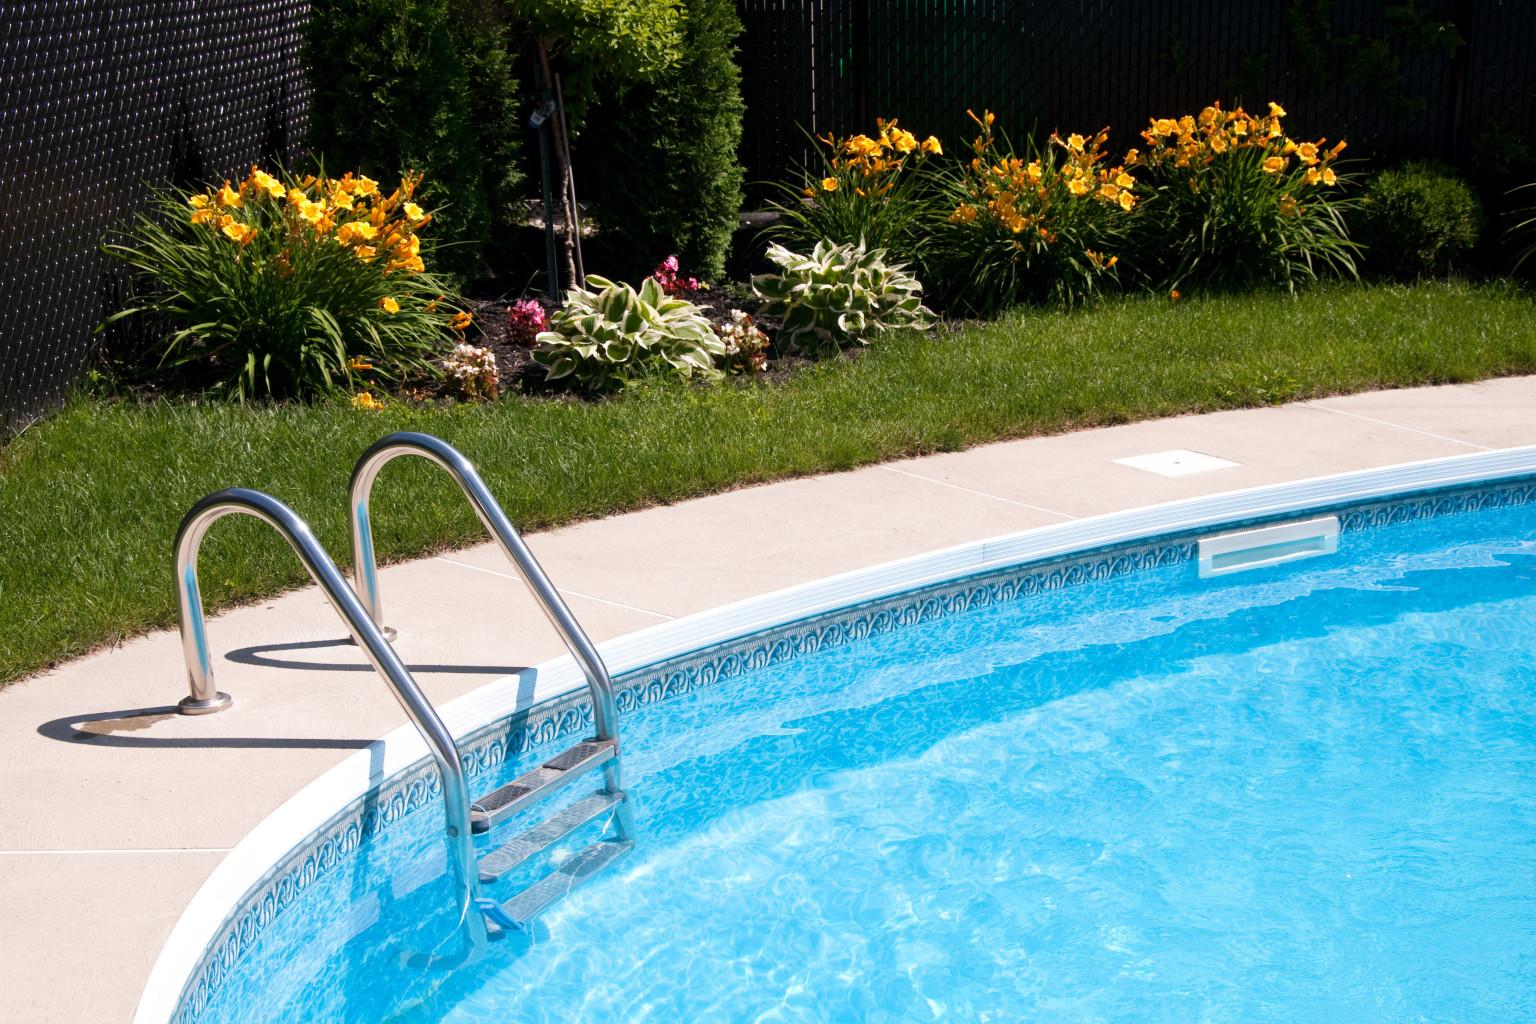 Pool Maintenance Pool Repairs Spa Service